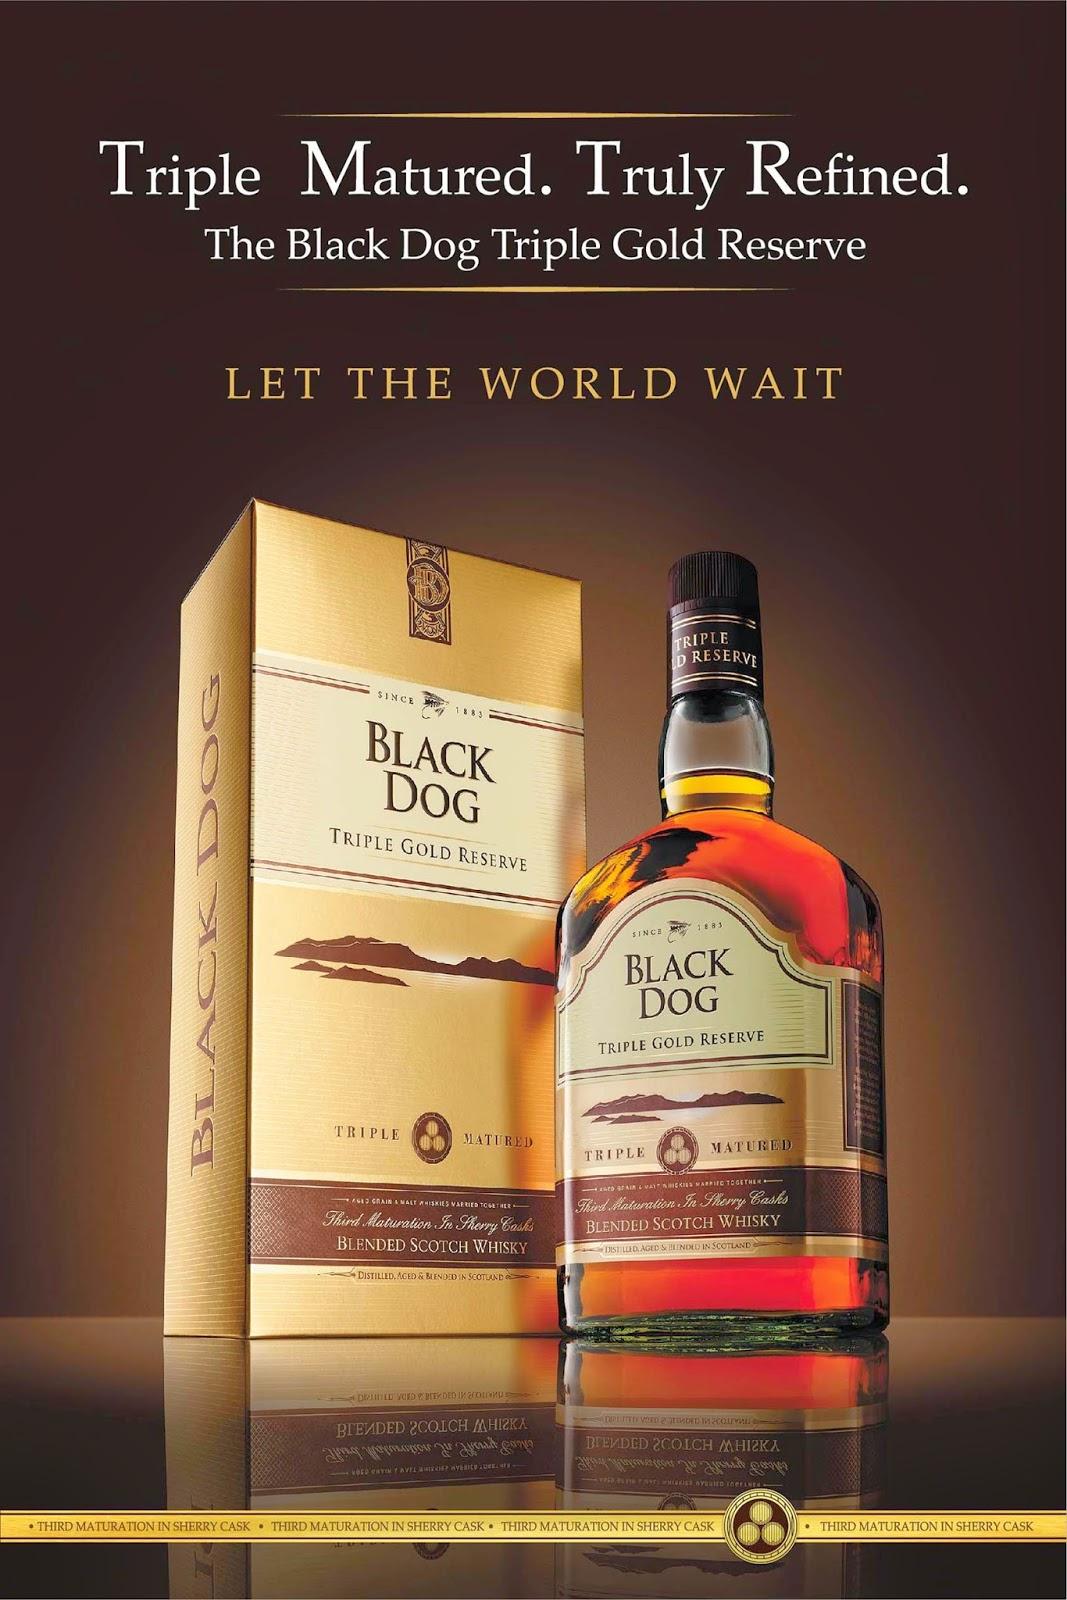 Black Dog Whisky